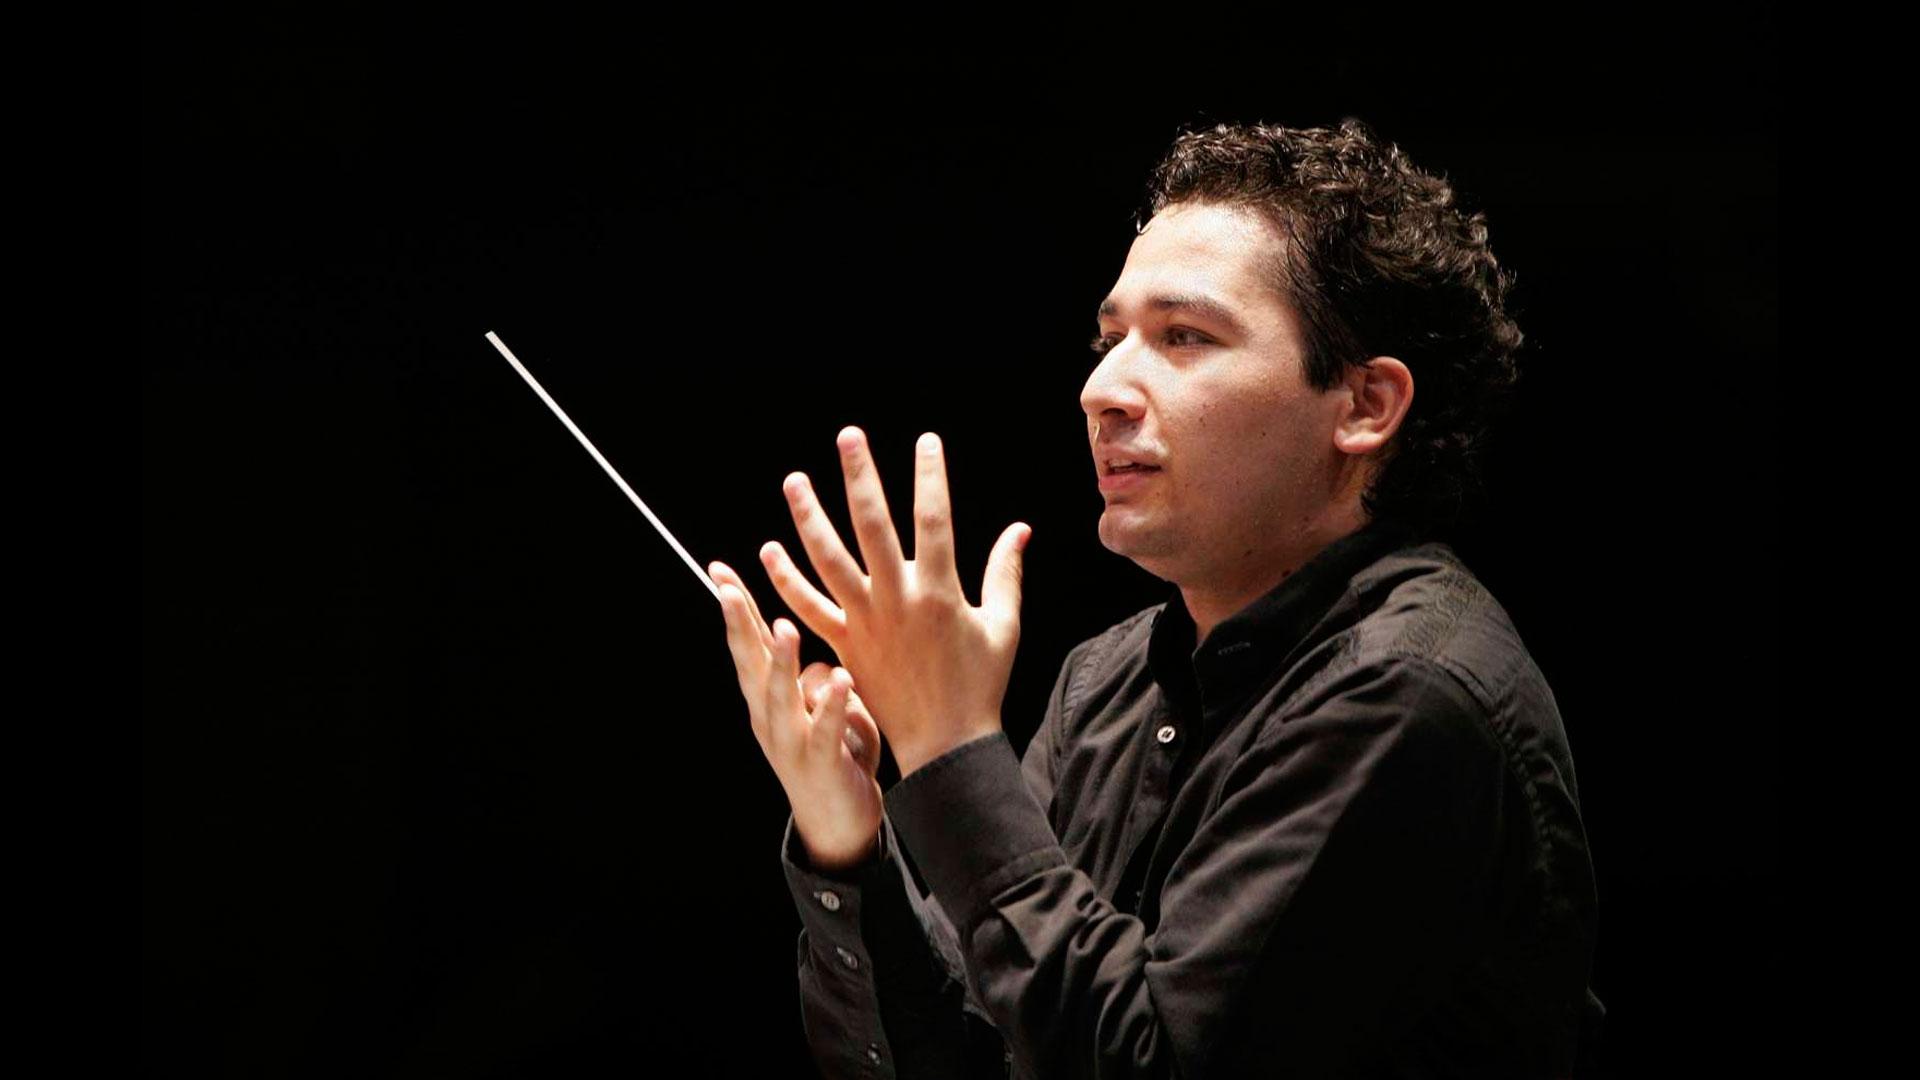 Orozco Estrada dirige obras de Escudero, Brahms y Ravel en su concierto con la Orquesta Sinfónica de Galicia